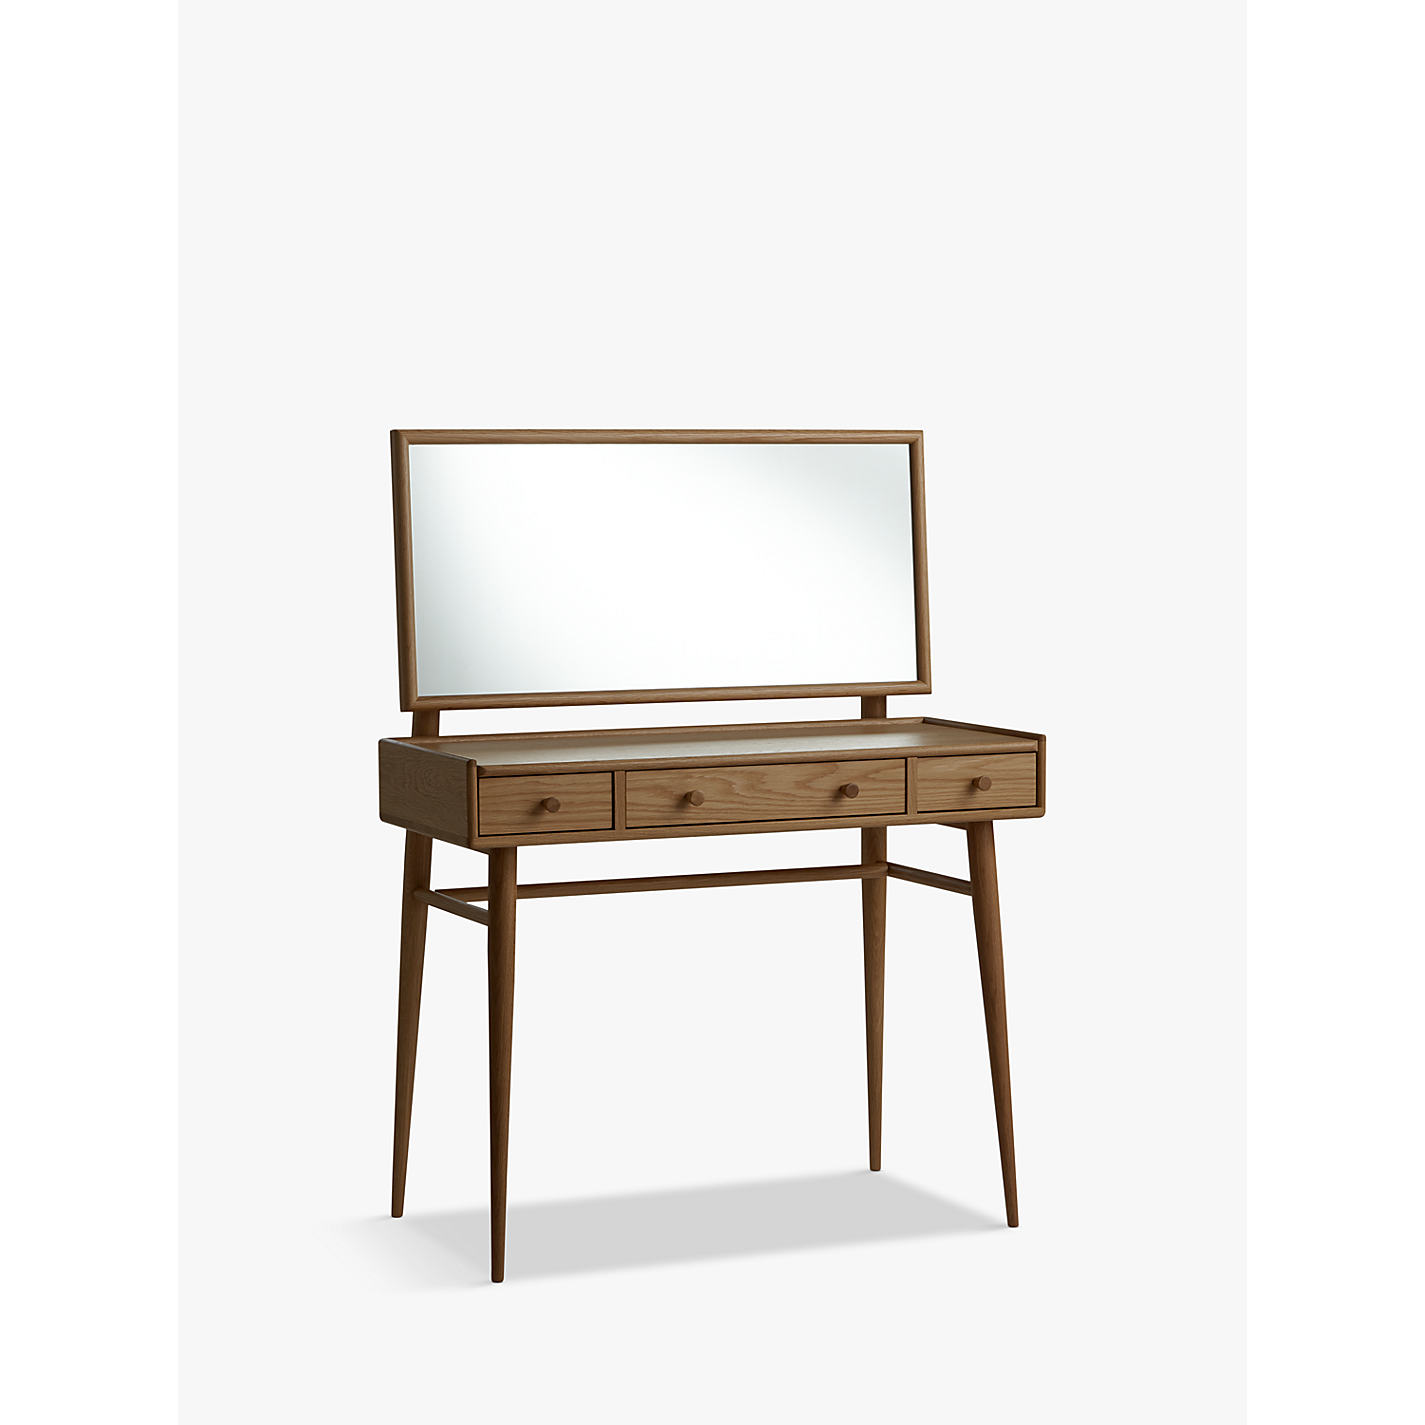 Ercol Bedroom Furniture John Lewis Scandlecandlecom : 234240495alt1prodexlrg from scandlecandle.com size 1425 x 1425 jpeg 123kB